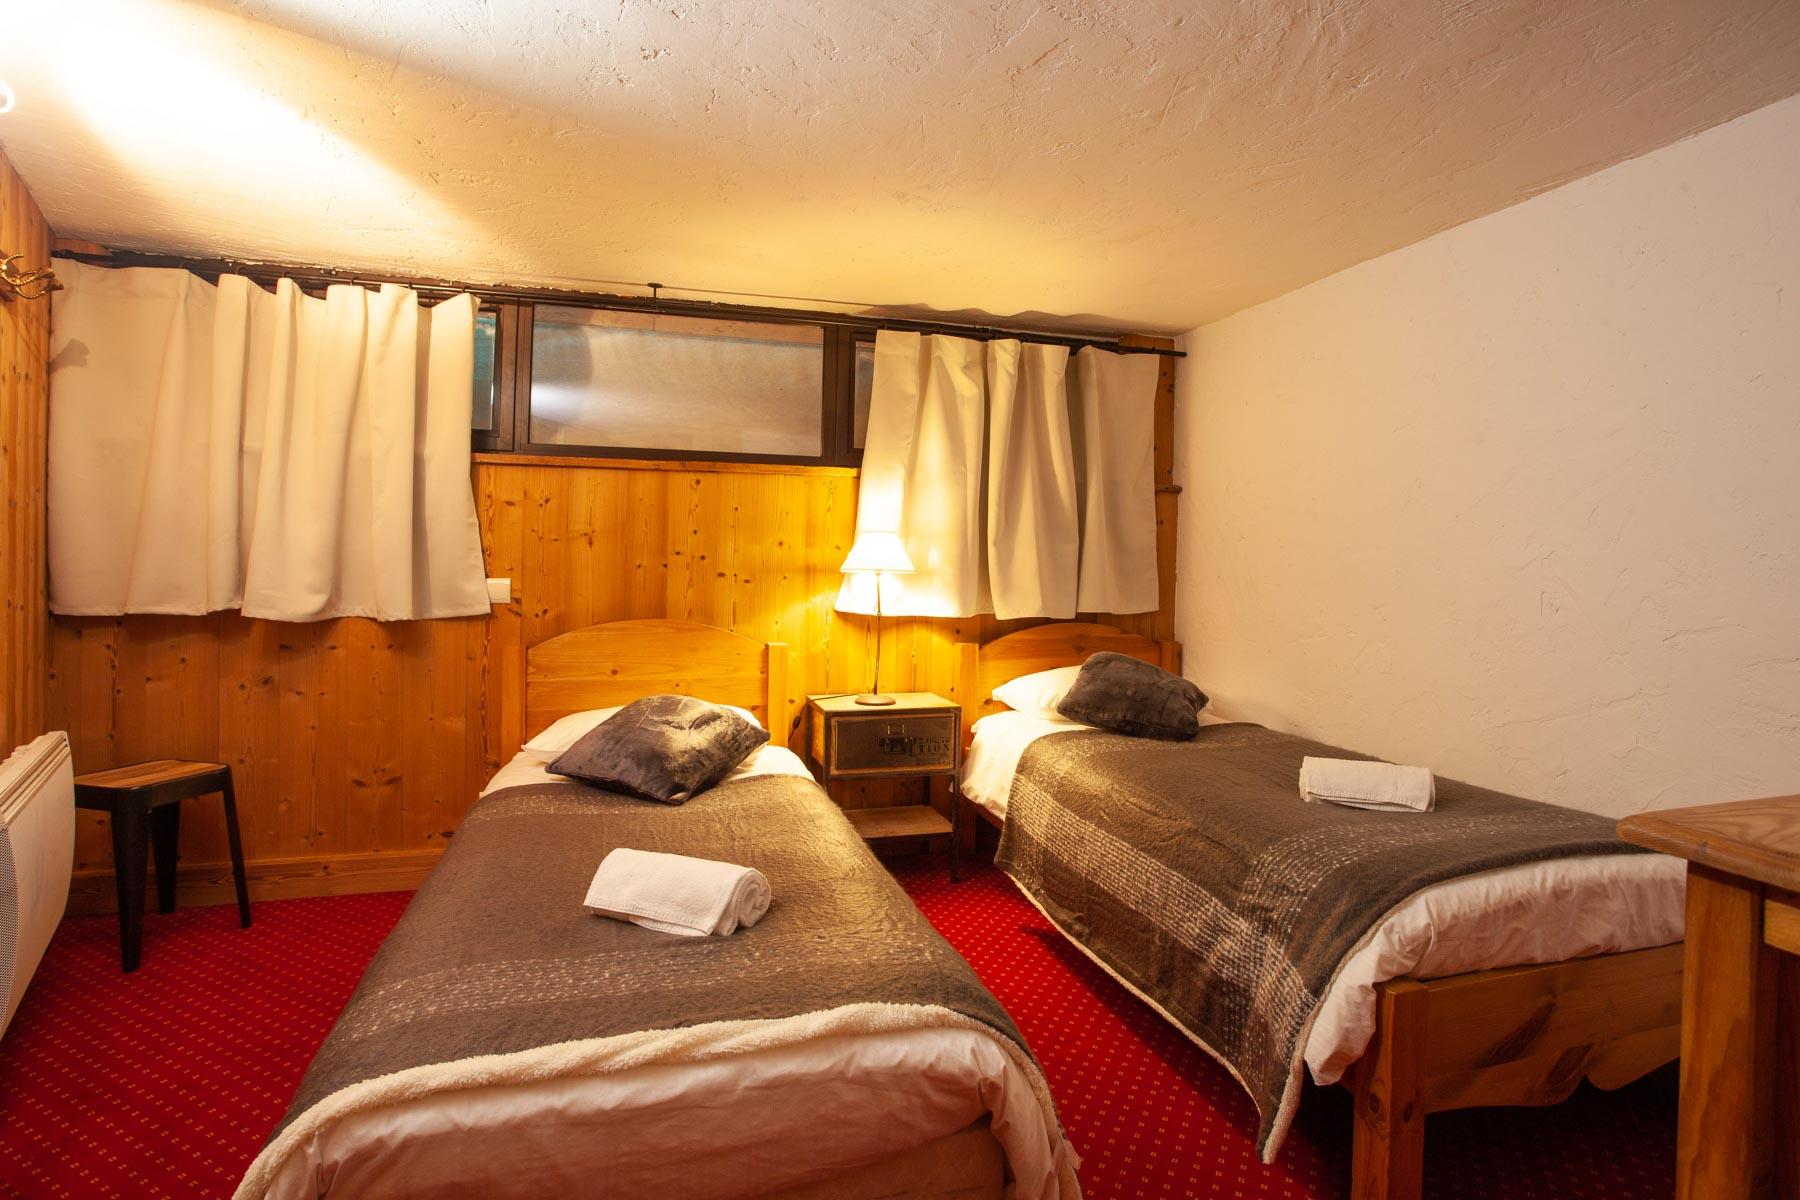 Avoriaz Appt 1954 Twin Bedroom